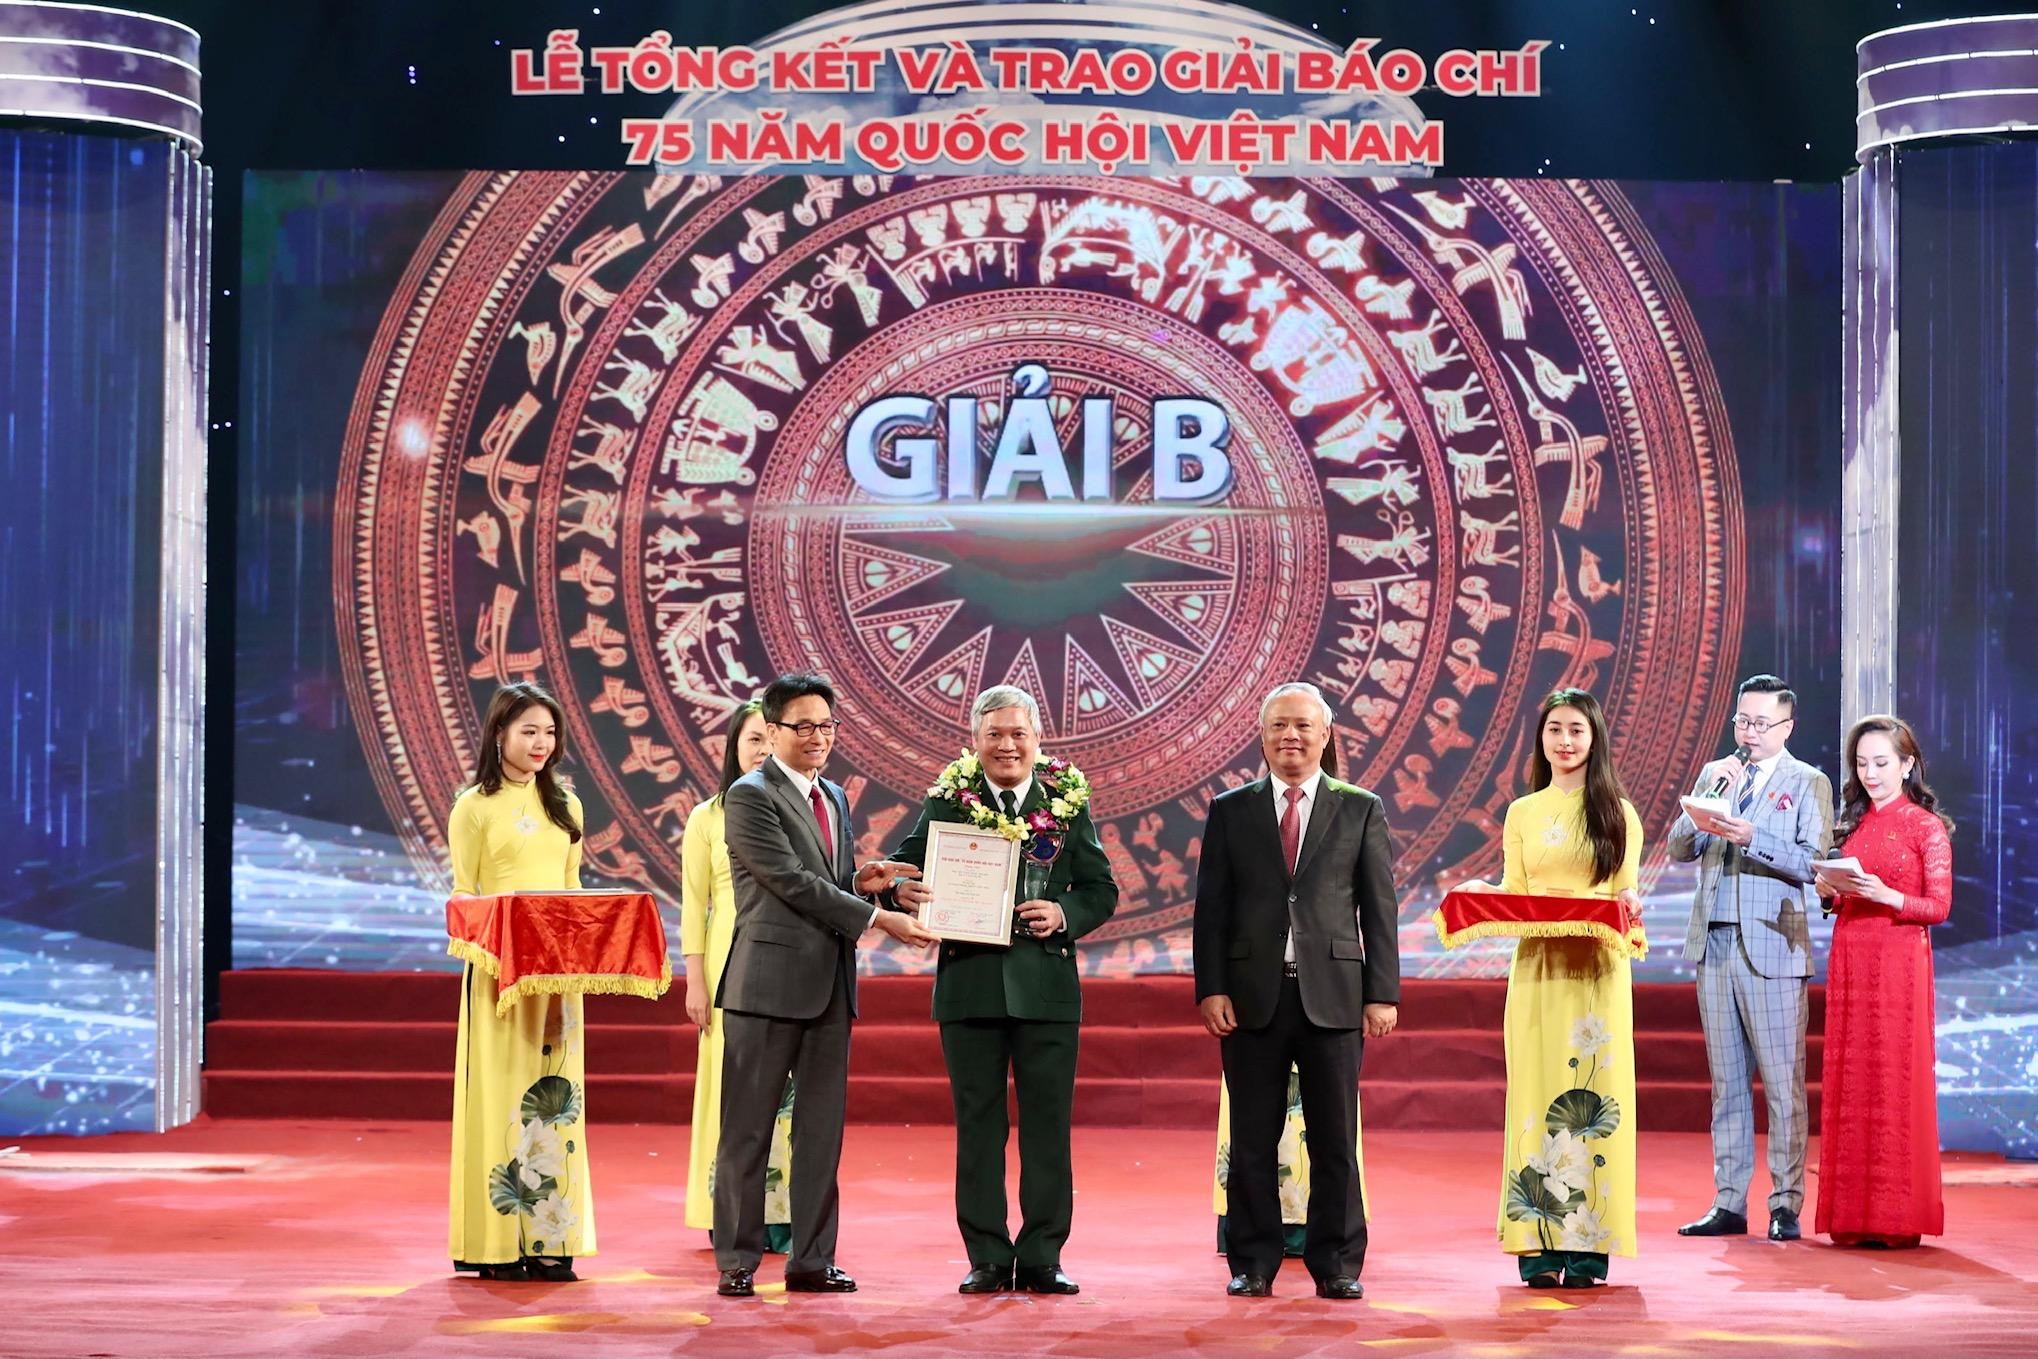 Phó Thủ tướng Vũ Đức Đam trao giải B cho các tác phẩm đoạt giải. Ảnh VGP/Nhật Bắc